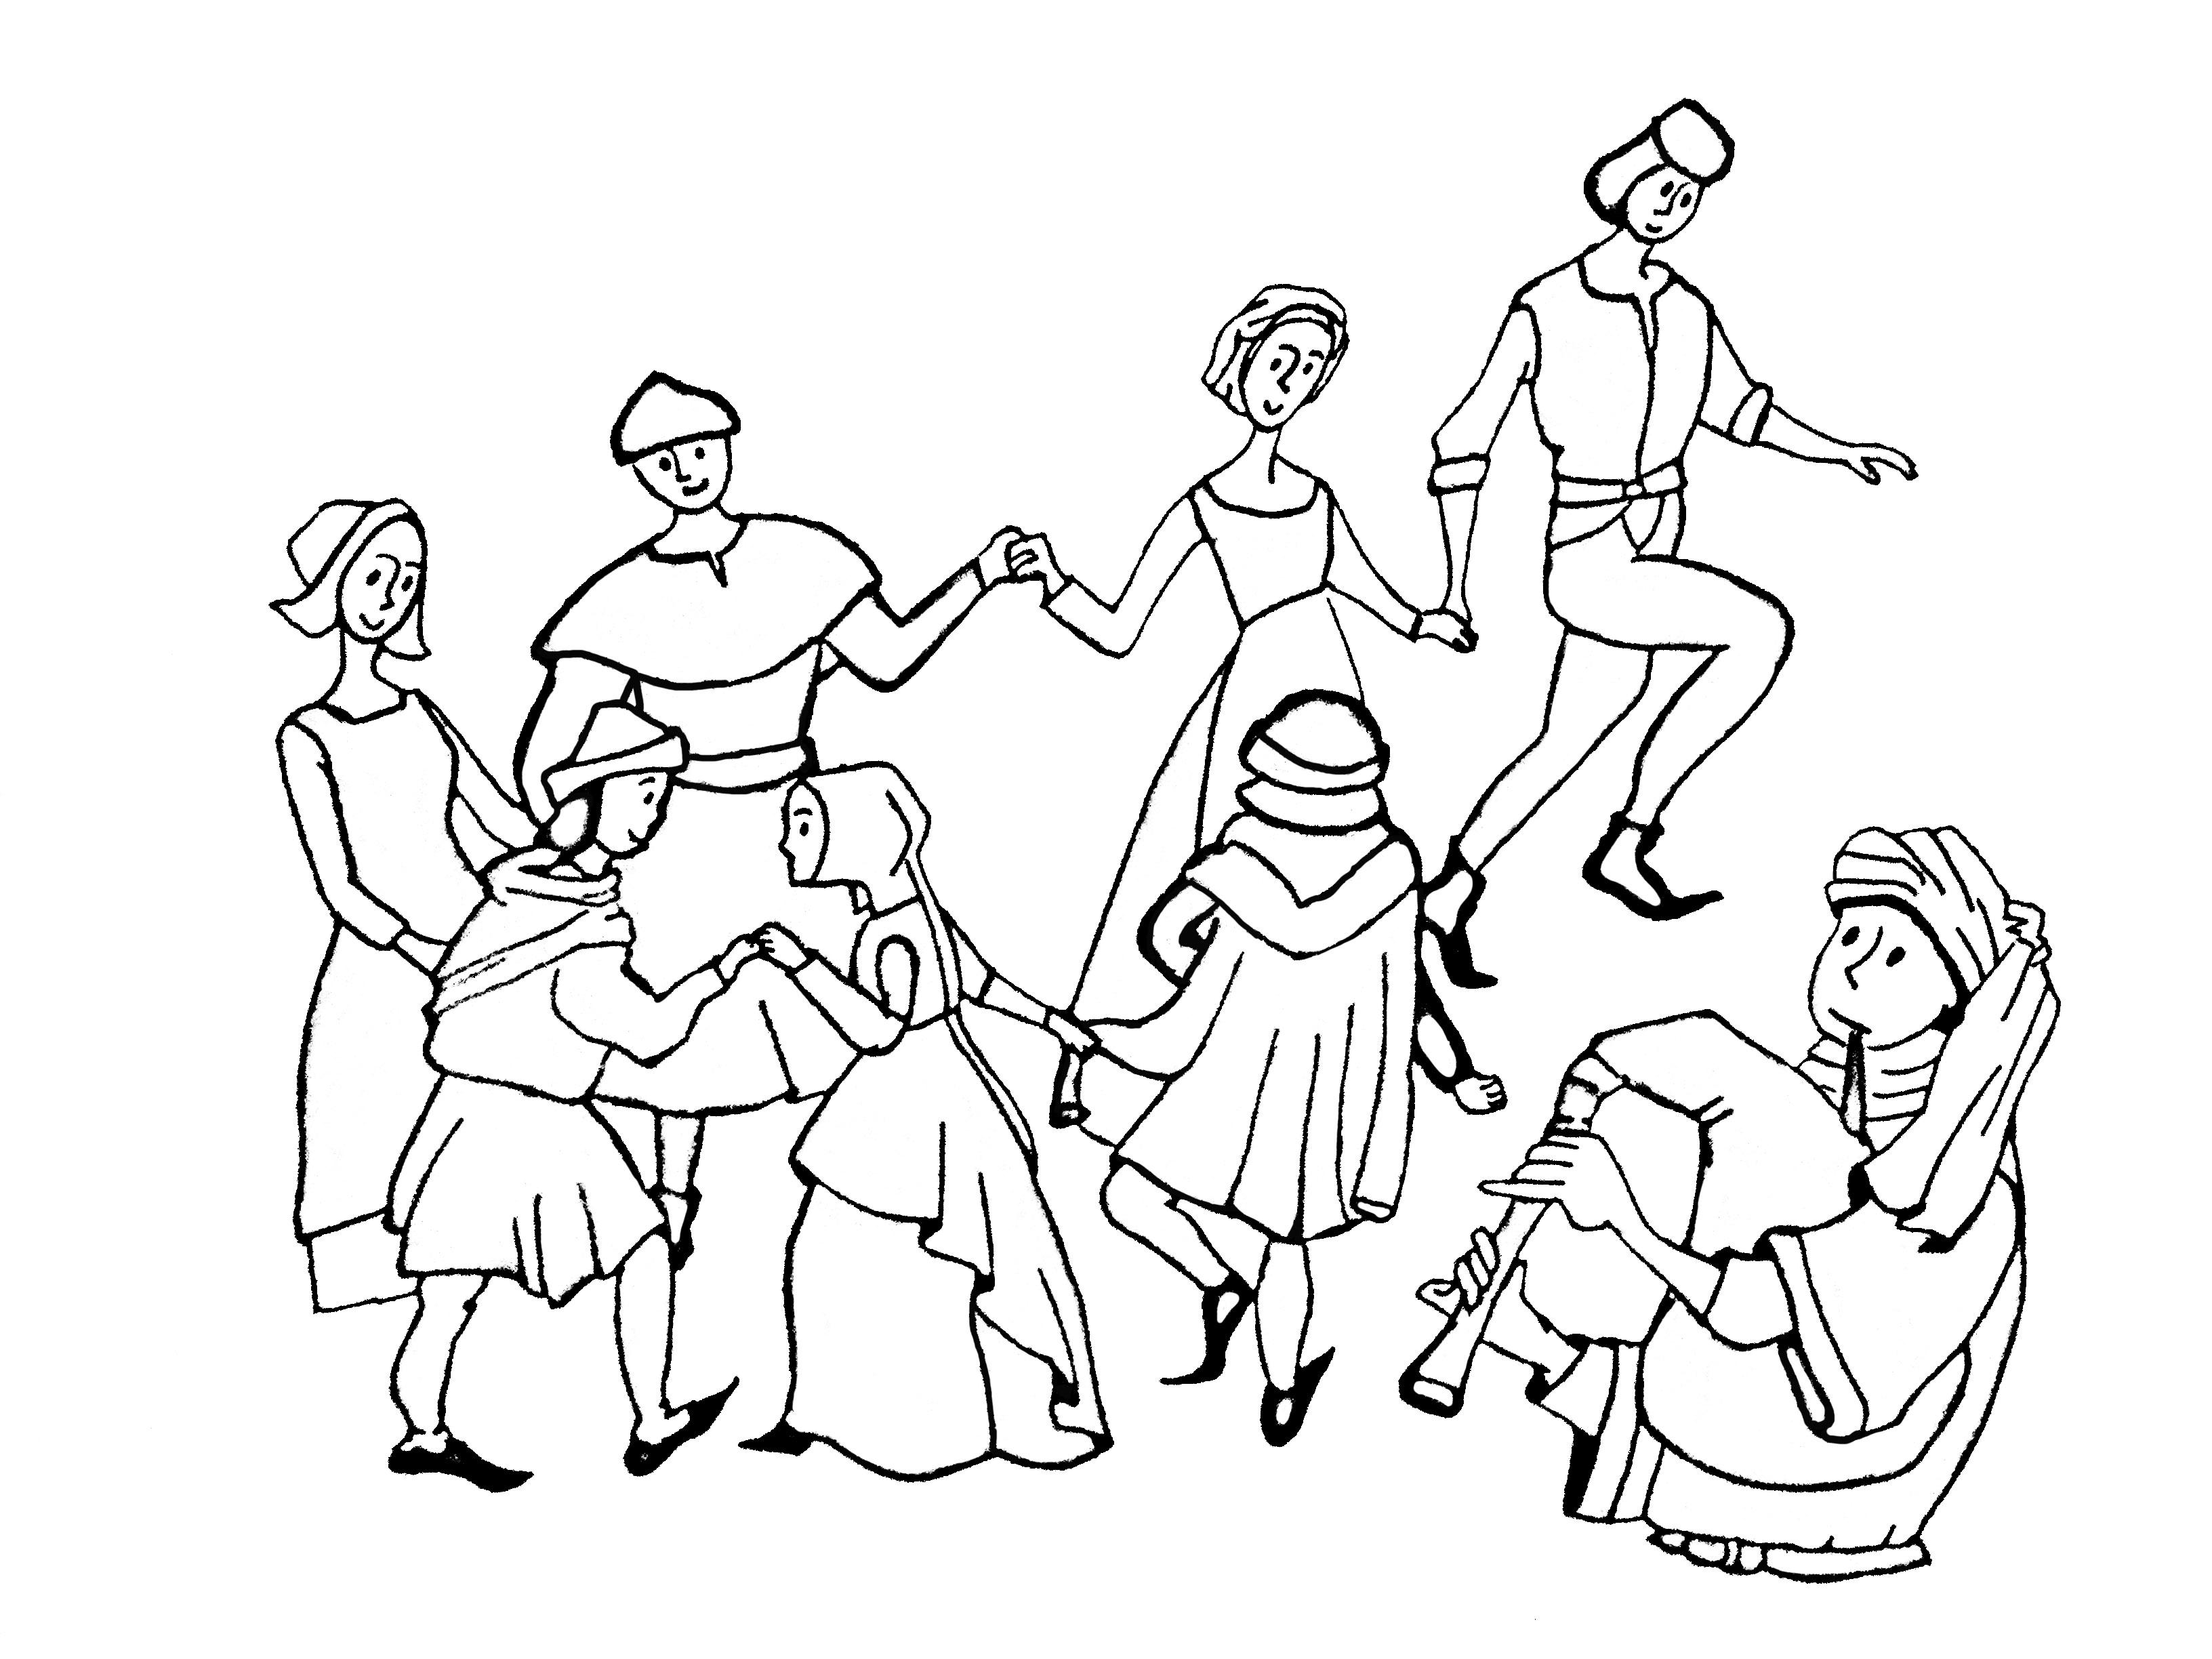 coloriage adulte moyen age danse free to print